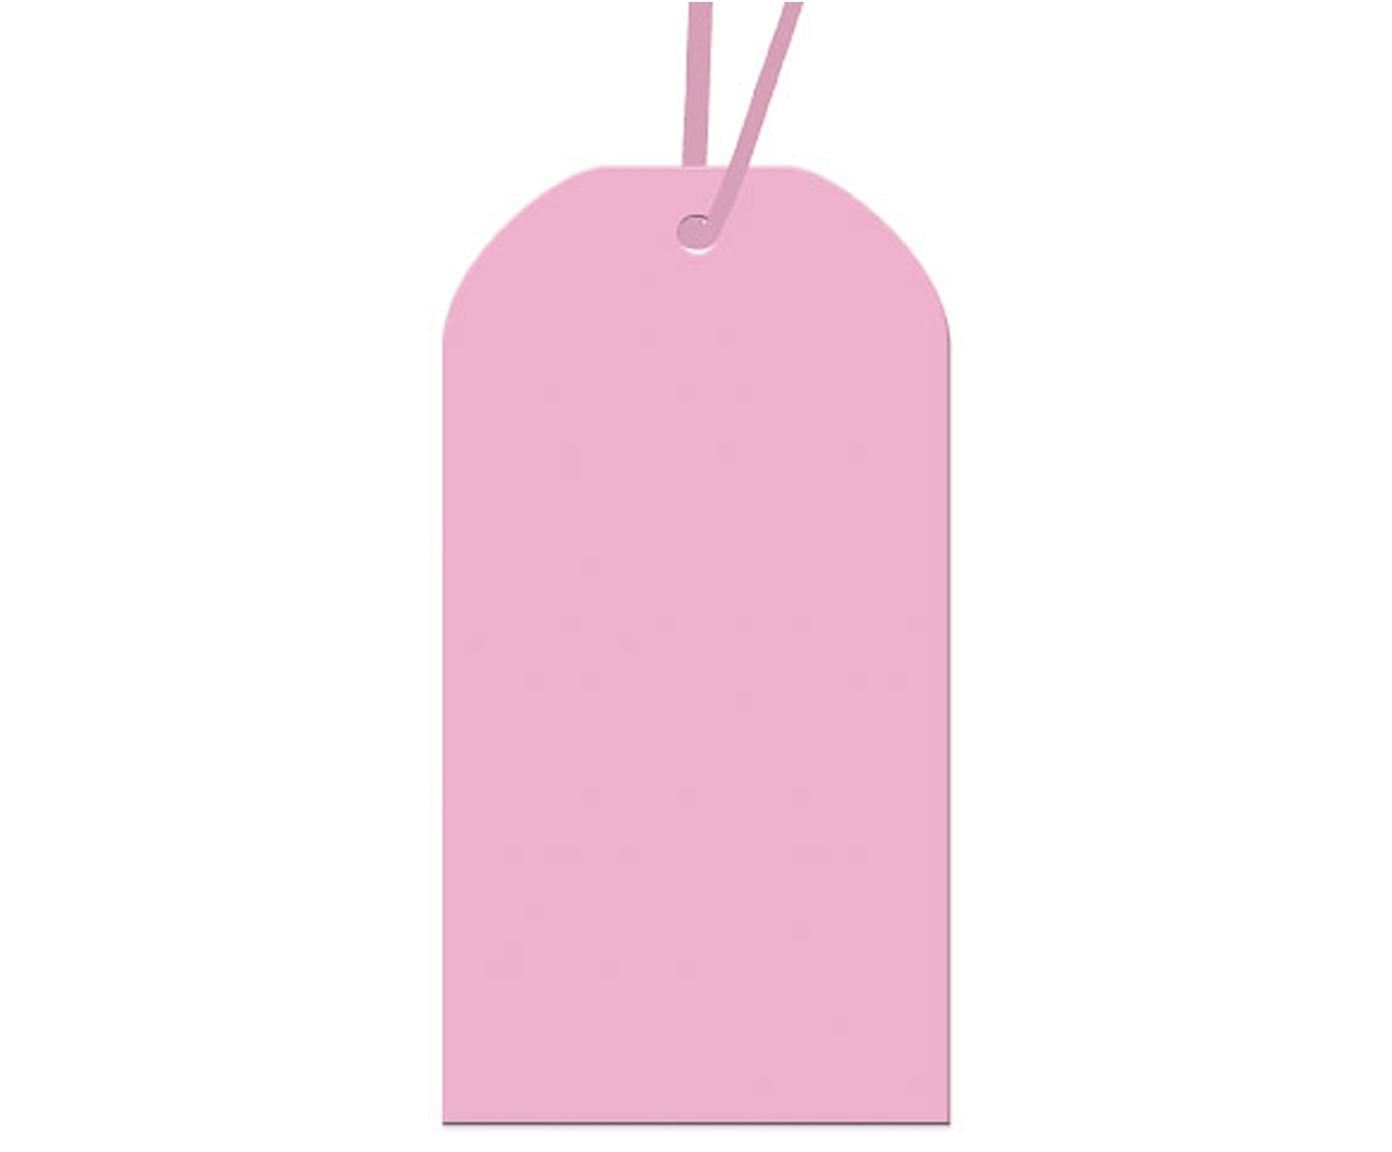 Cadeaukaartjes Lily, 5 stuks, Papier, Roze, 10 x 5 cm